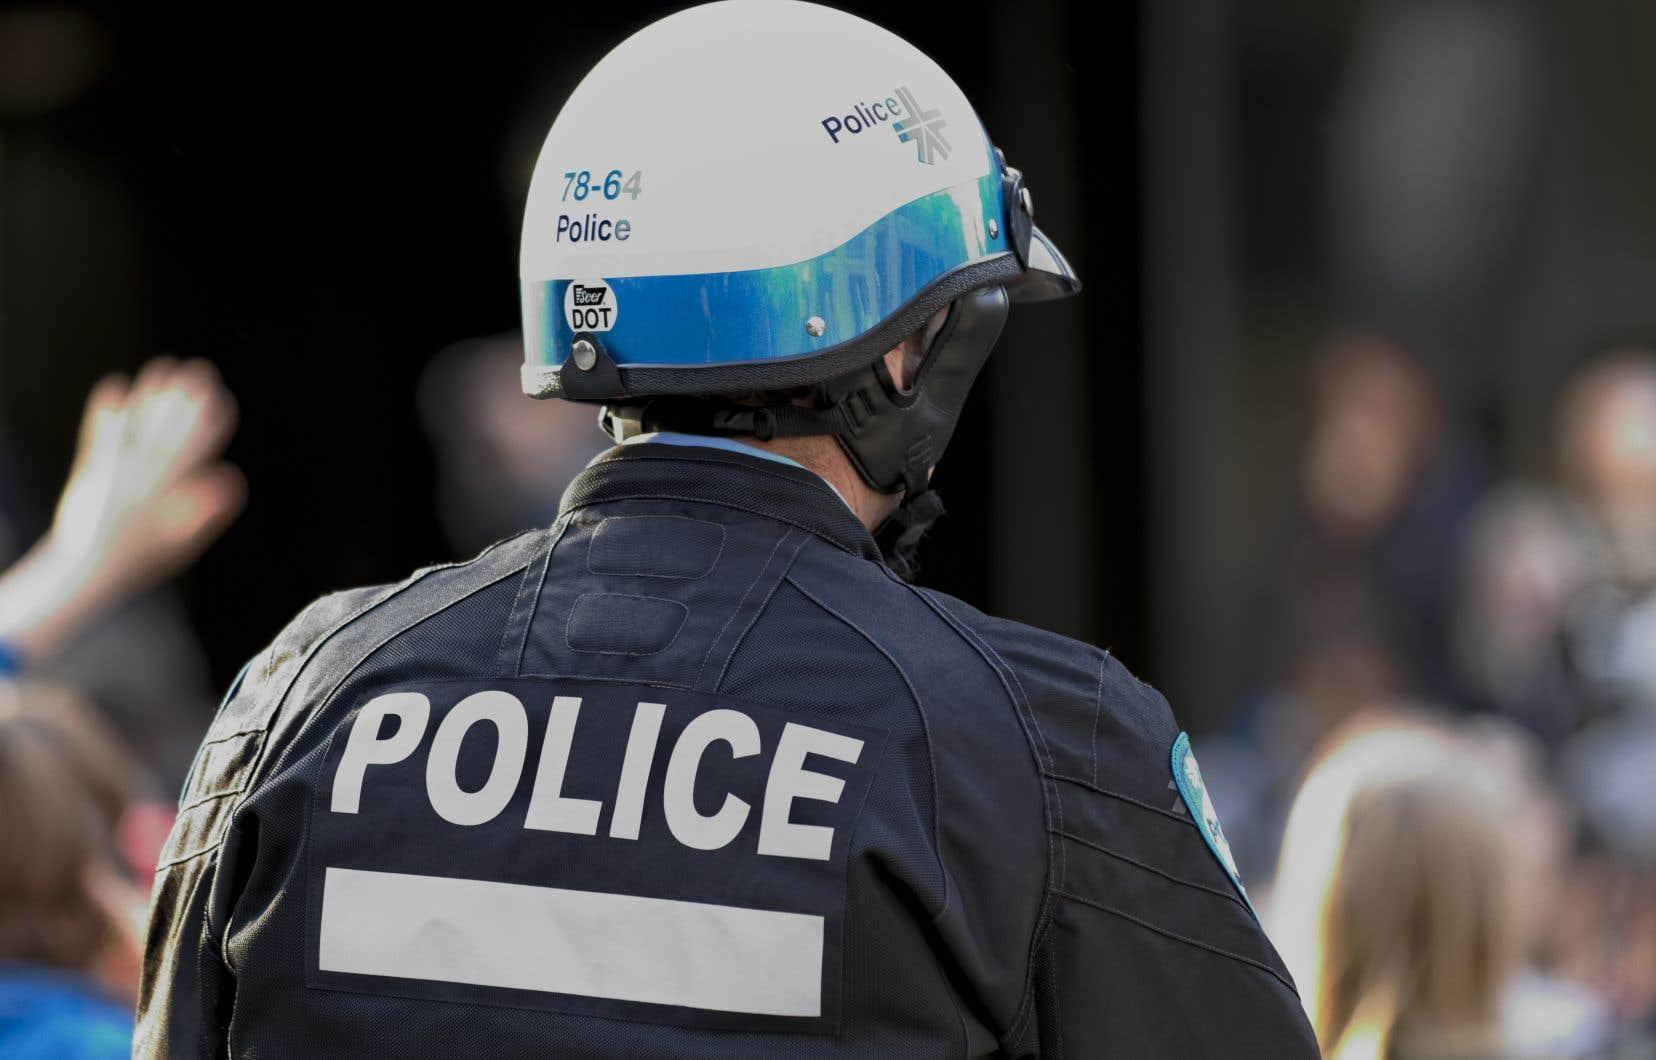 L'opposition officielle à l'Hôtel de Ville estime qu'une augmentation du nombre de policiers s'impose à Montréal en réponse à la hausse de la criminalité dans certains secteurs.